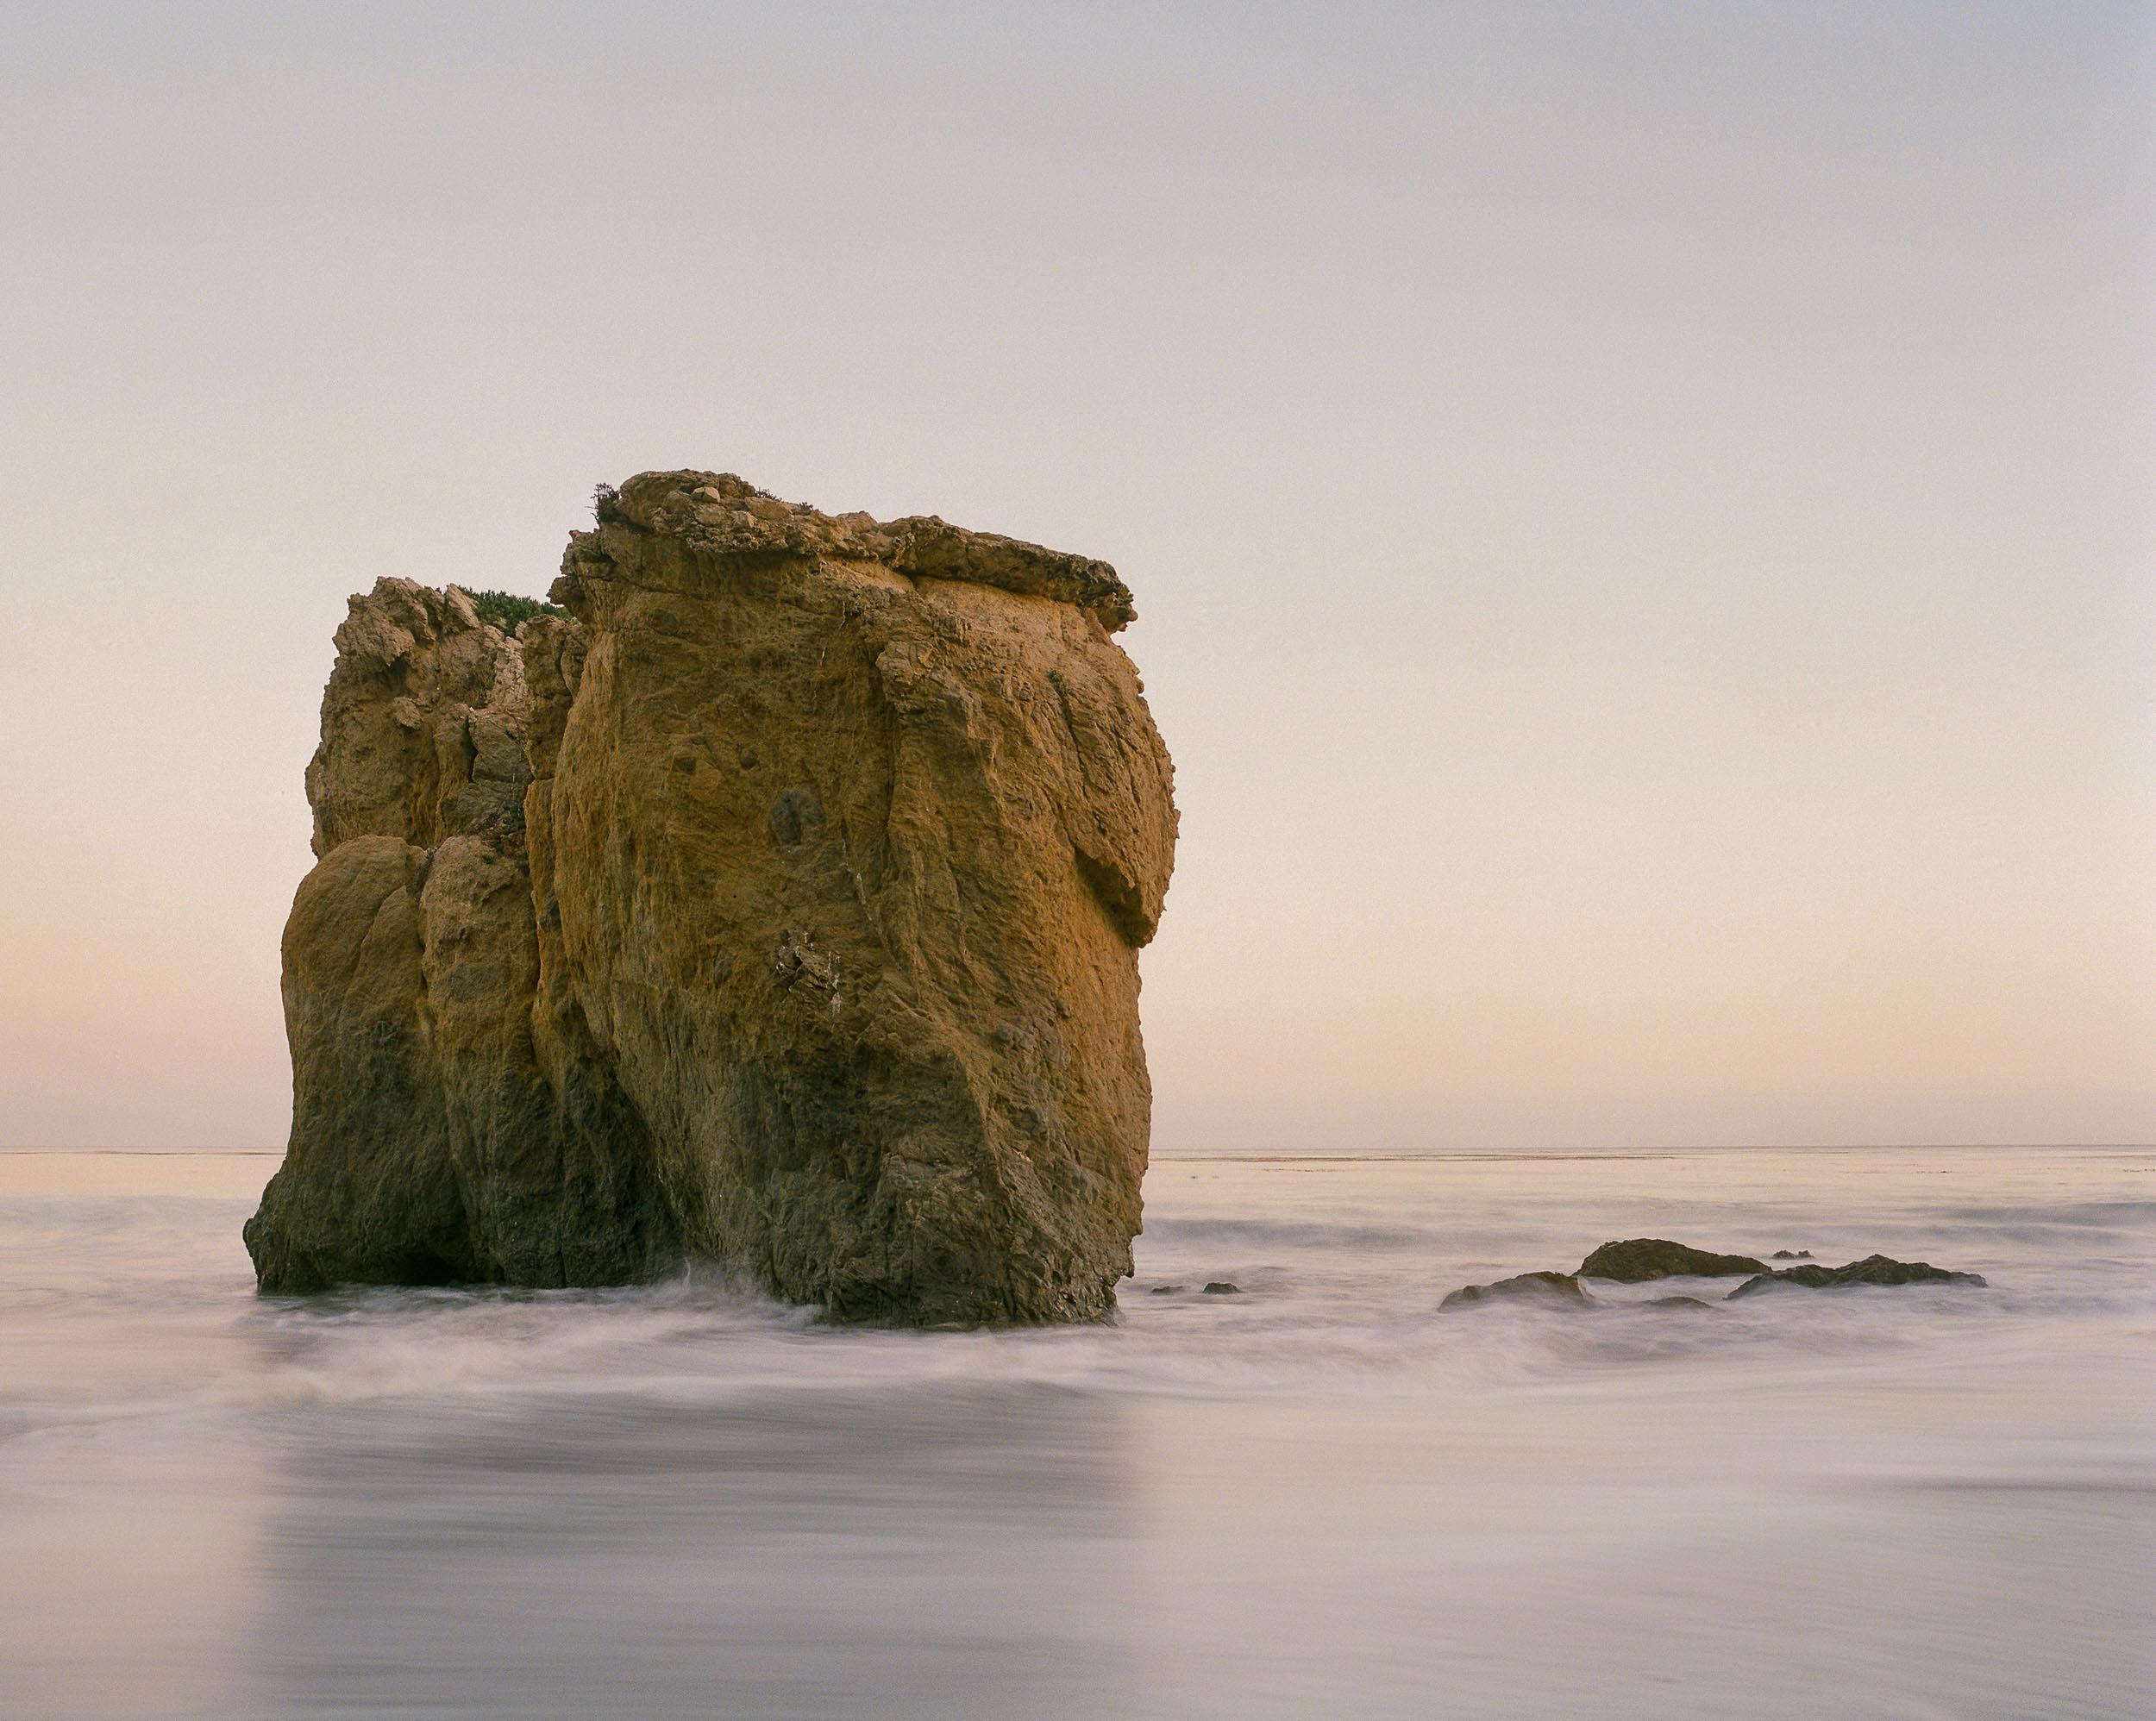 El Matador Beach Long Exposure ■ Pentax 67 ■ Kodak Portra 800